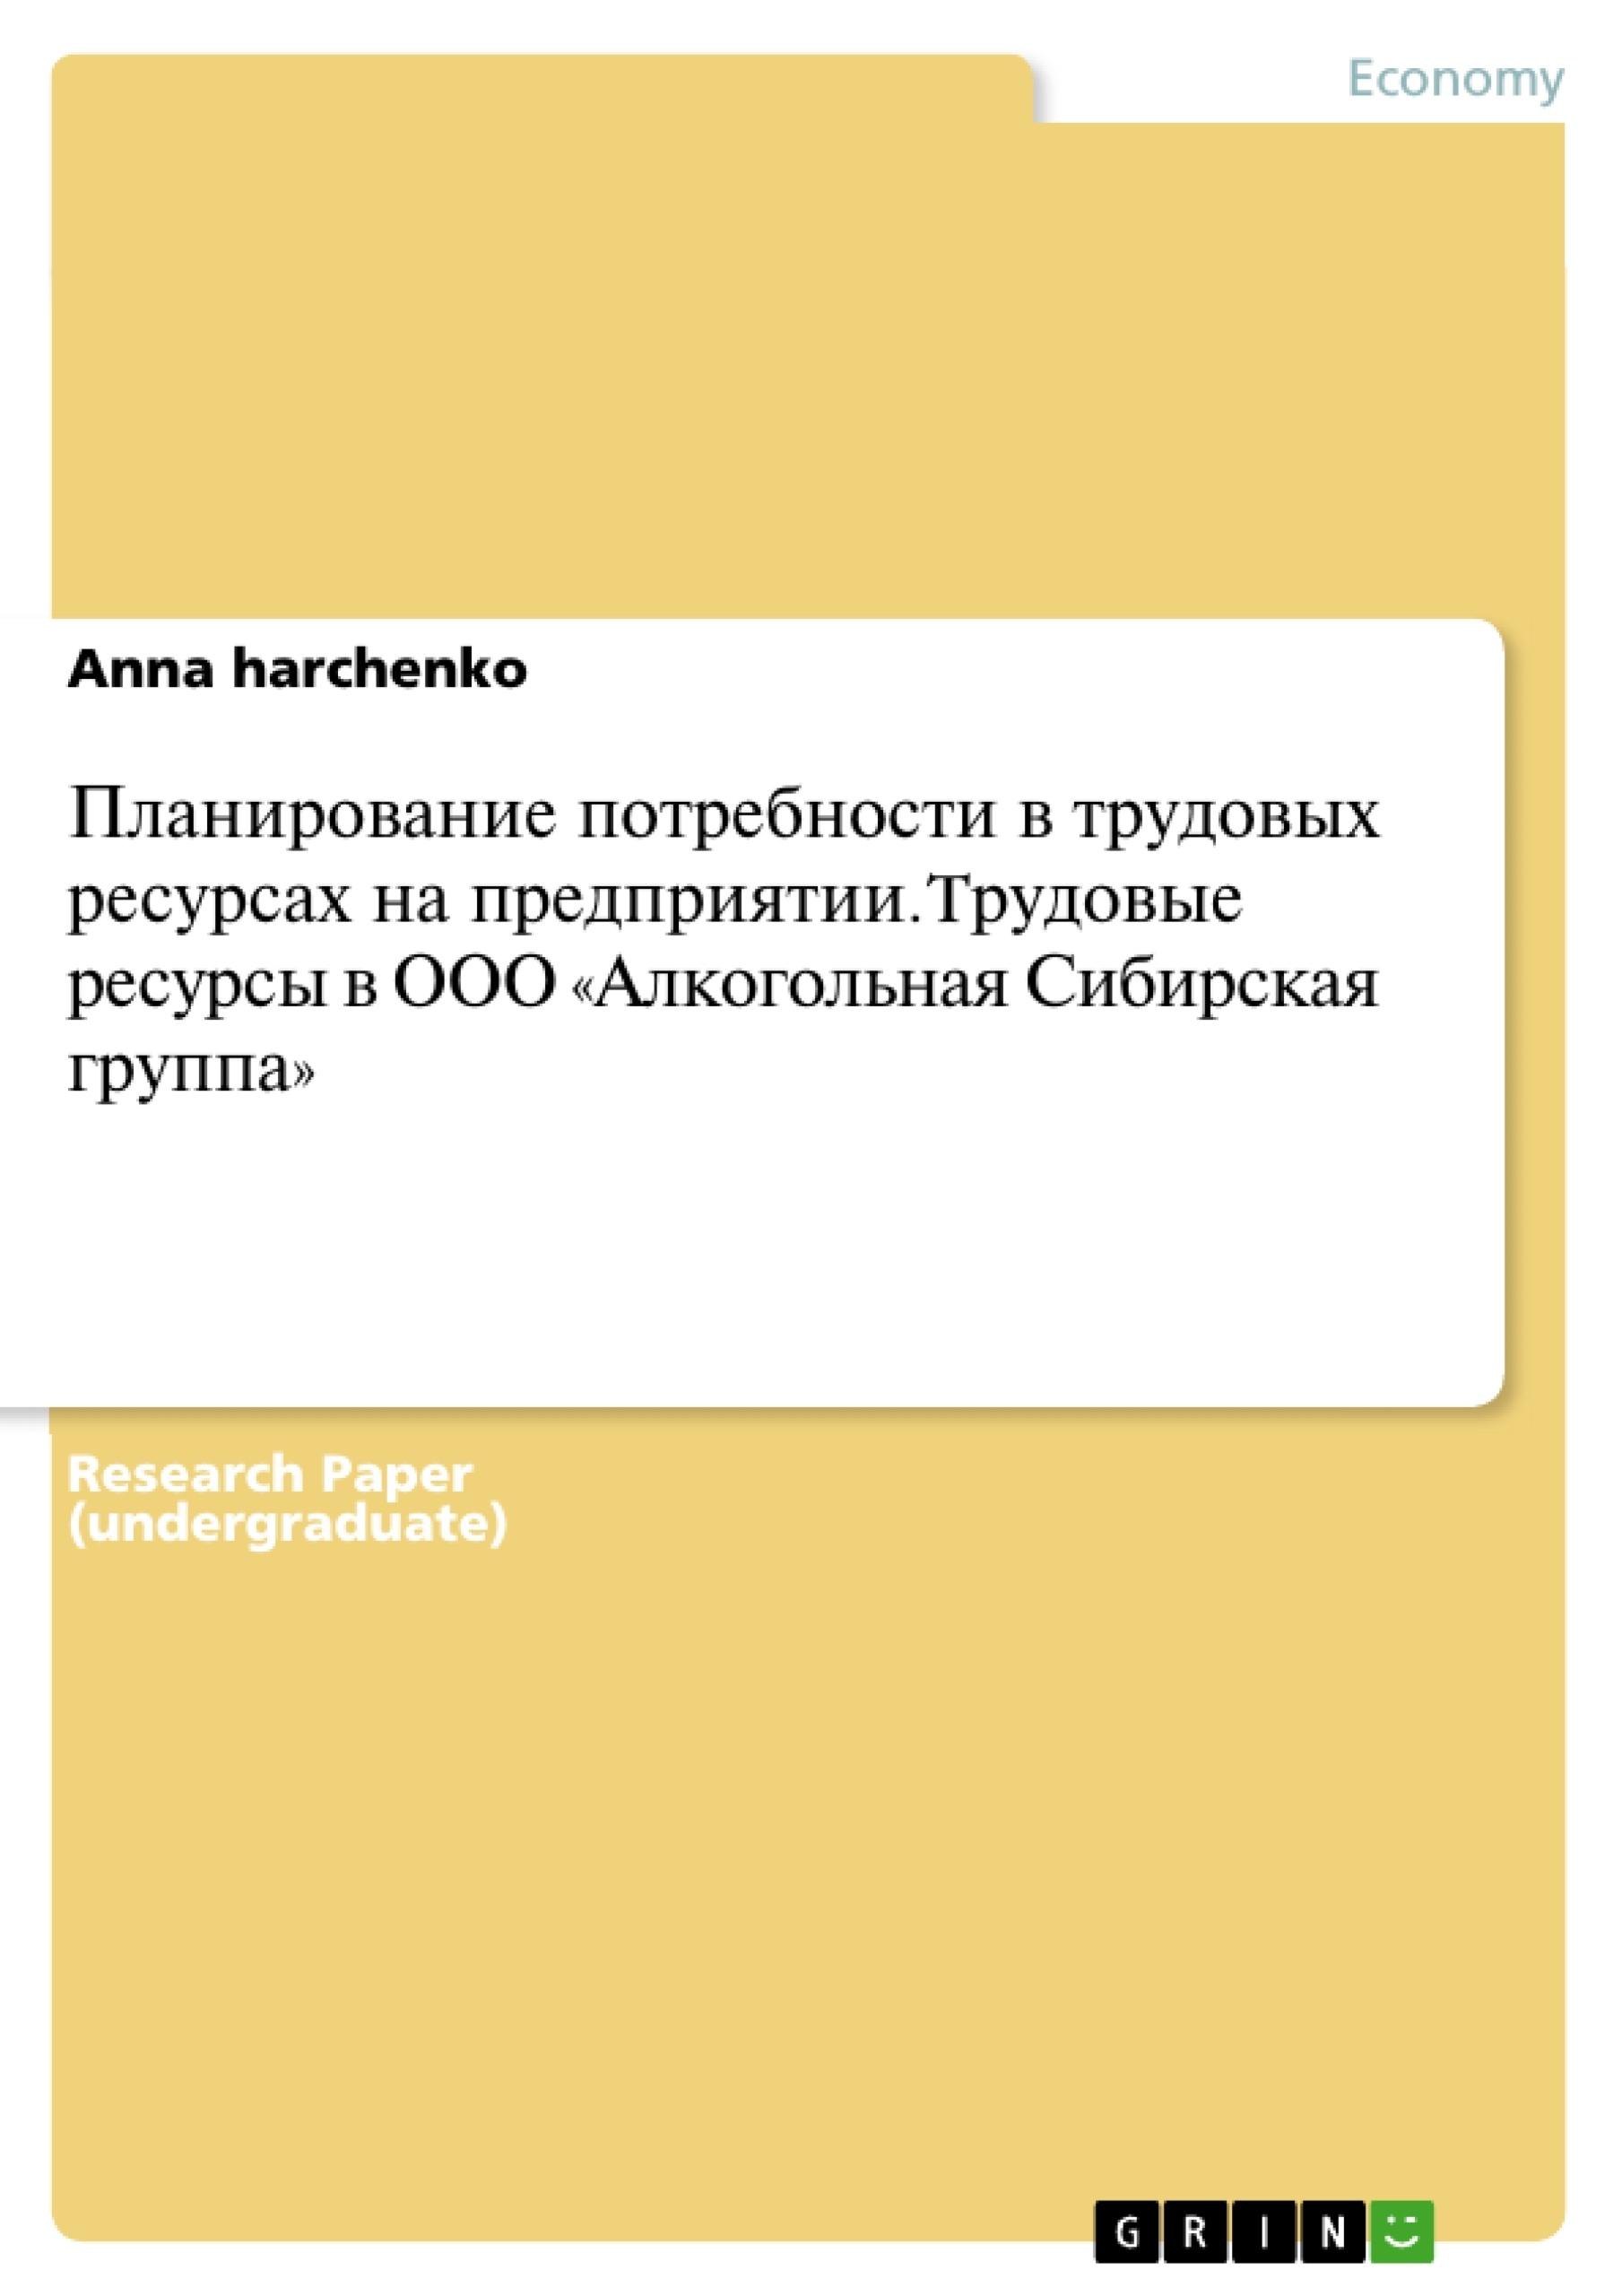 Title: Планирование потребности в трудовых ресурсах на предприятии. Tрудовые ресурсы в ООО «Алкогольная Сибирская группа»